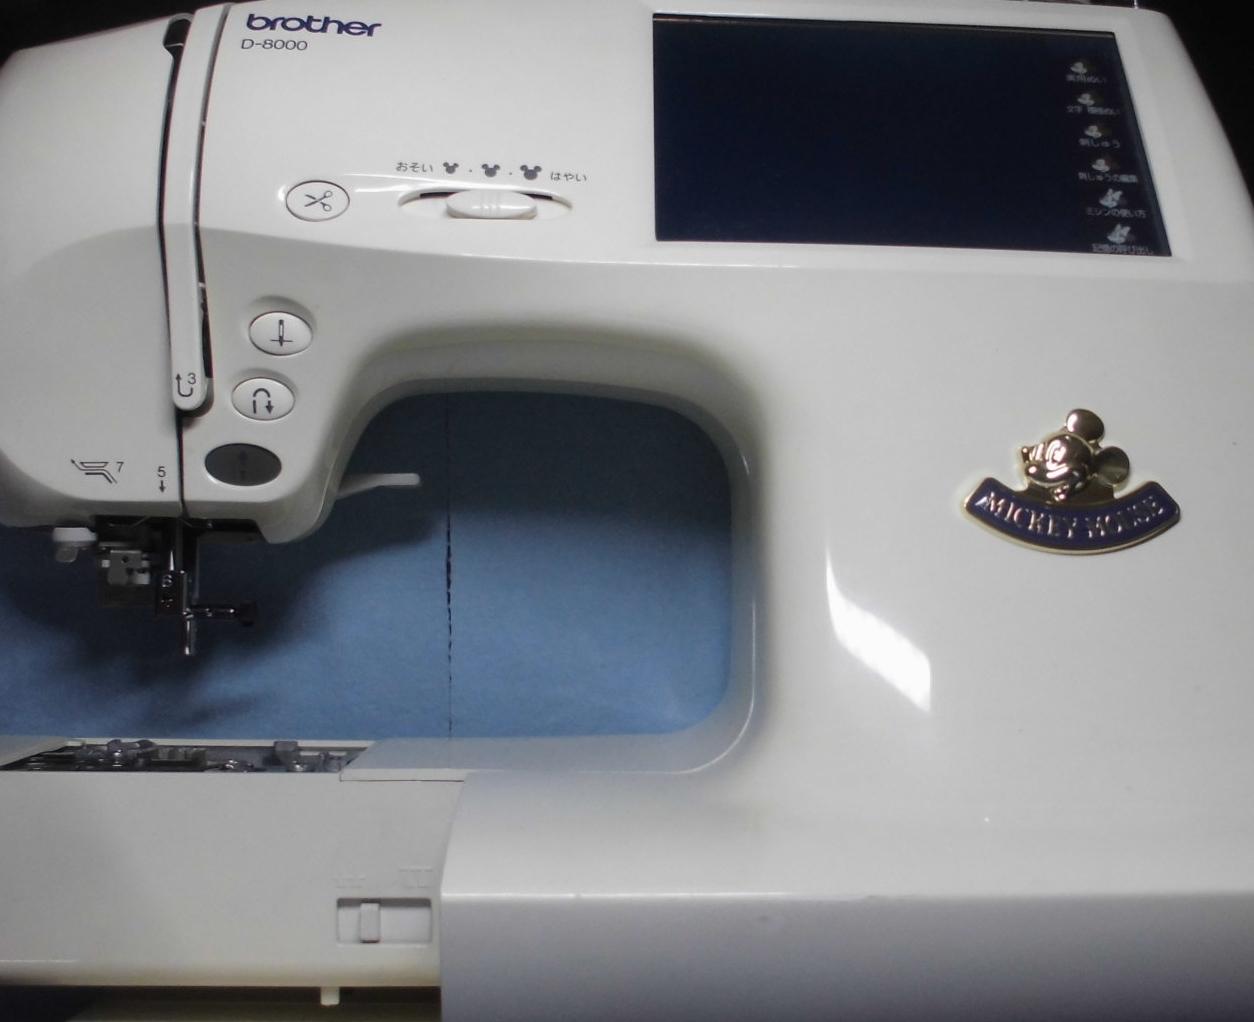 brotherミシン修理|D-8000・EM9901|針が曲がっている、綺麗に縫えない、メンテナンス